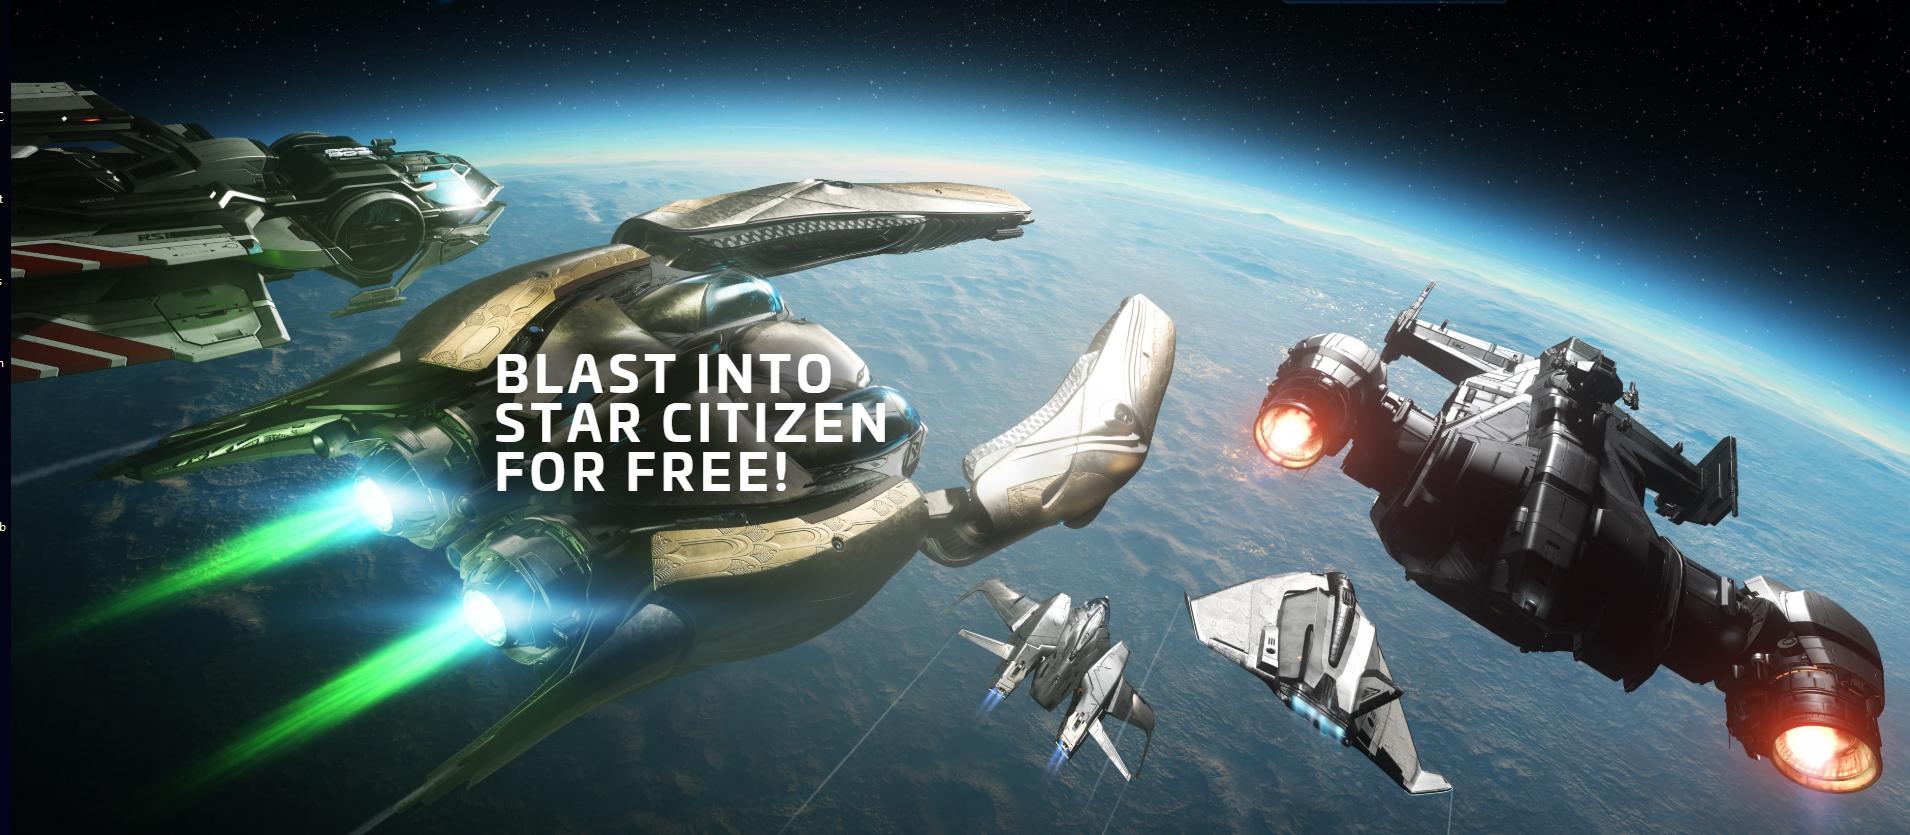 Star Citizen Cutlass Black Paket